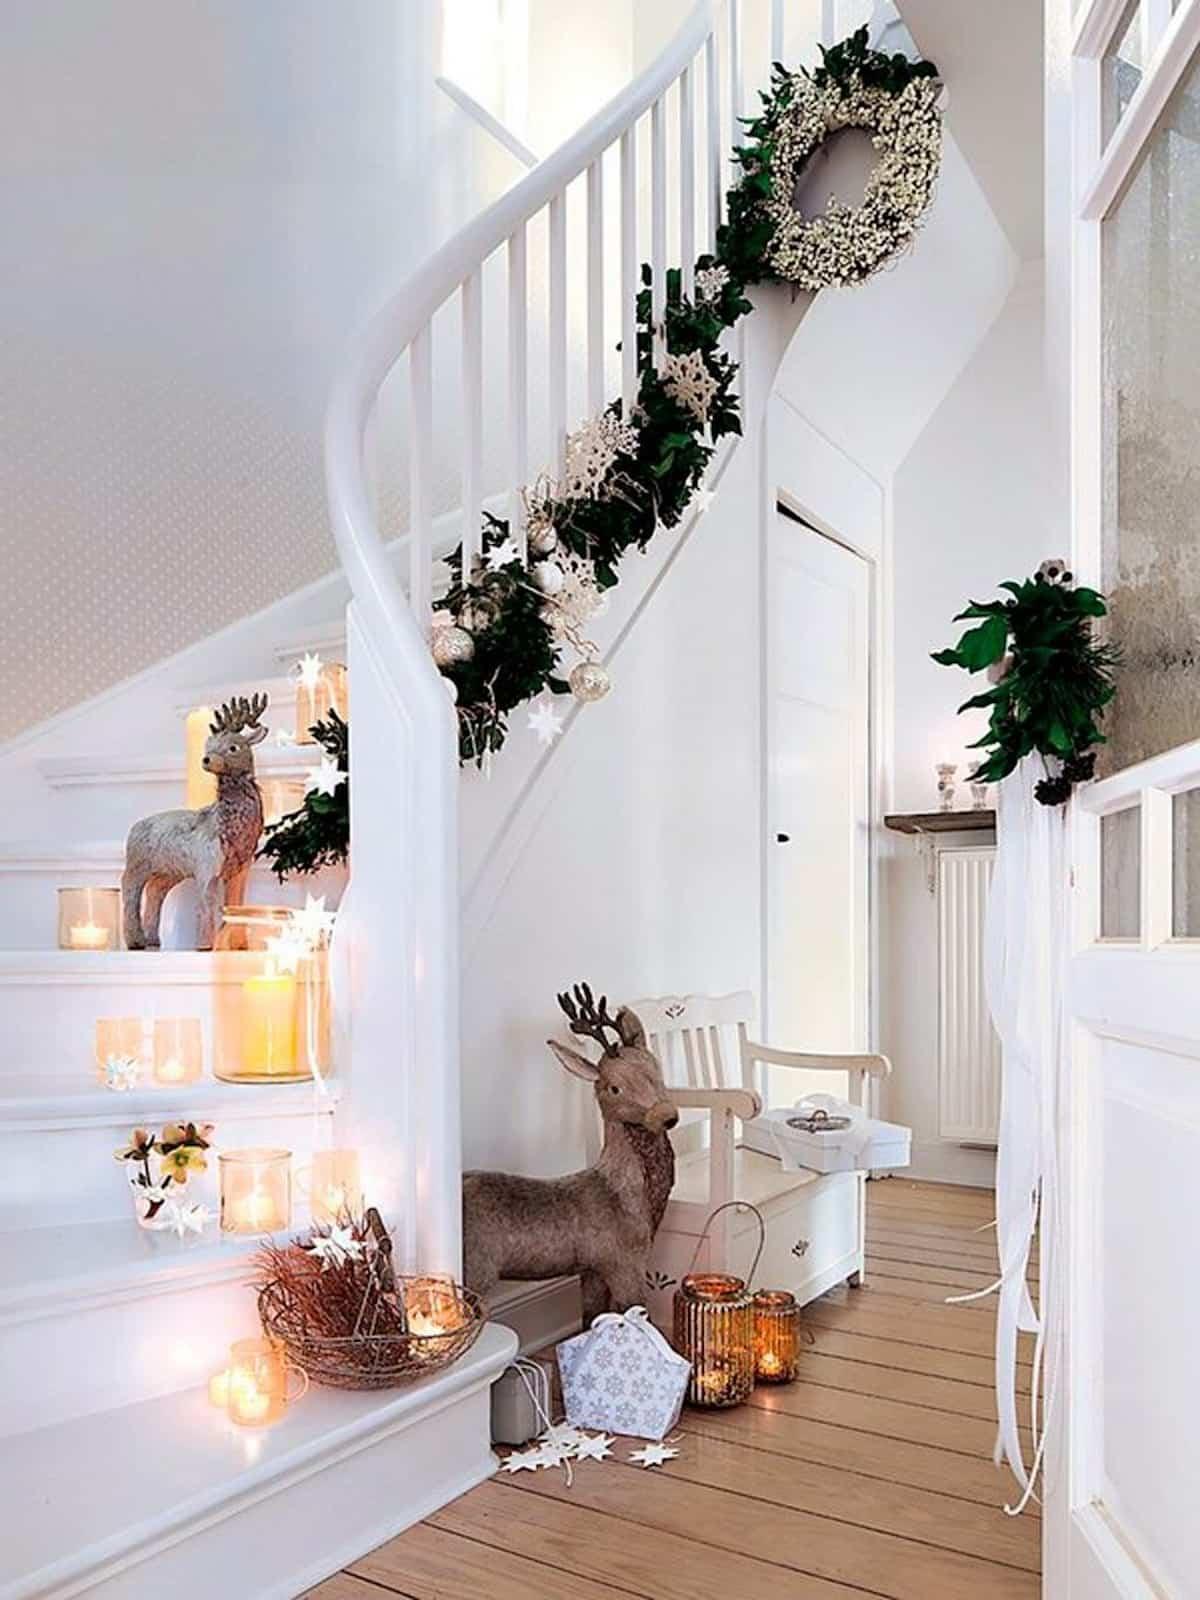 decoracion de navidad ideas y tendencias 2020 2021 1